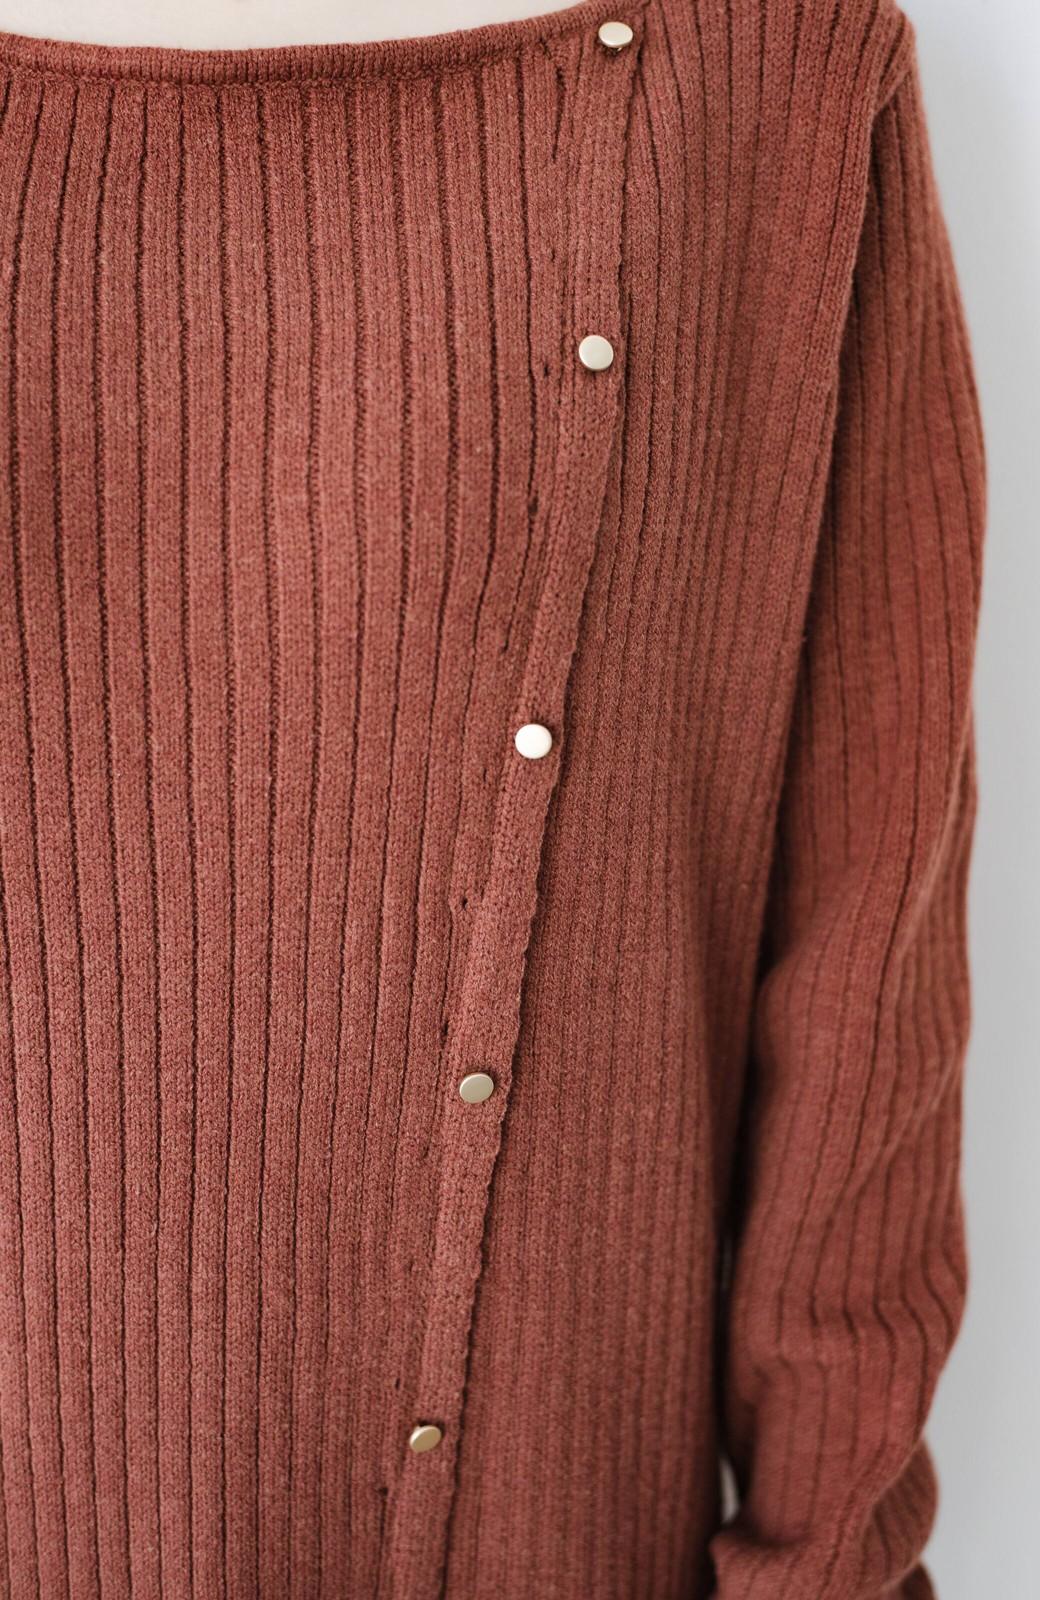 haco! 楽ちんにおめかし気分!重ね着にも便利なボタンがかわいいリブニットワンピース <ライトブラウン>の商品写真16